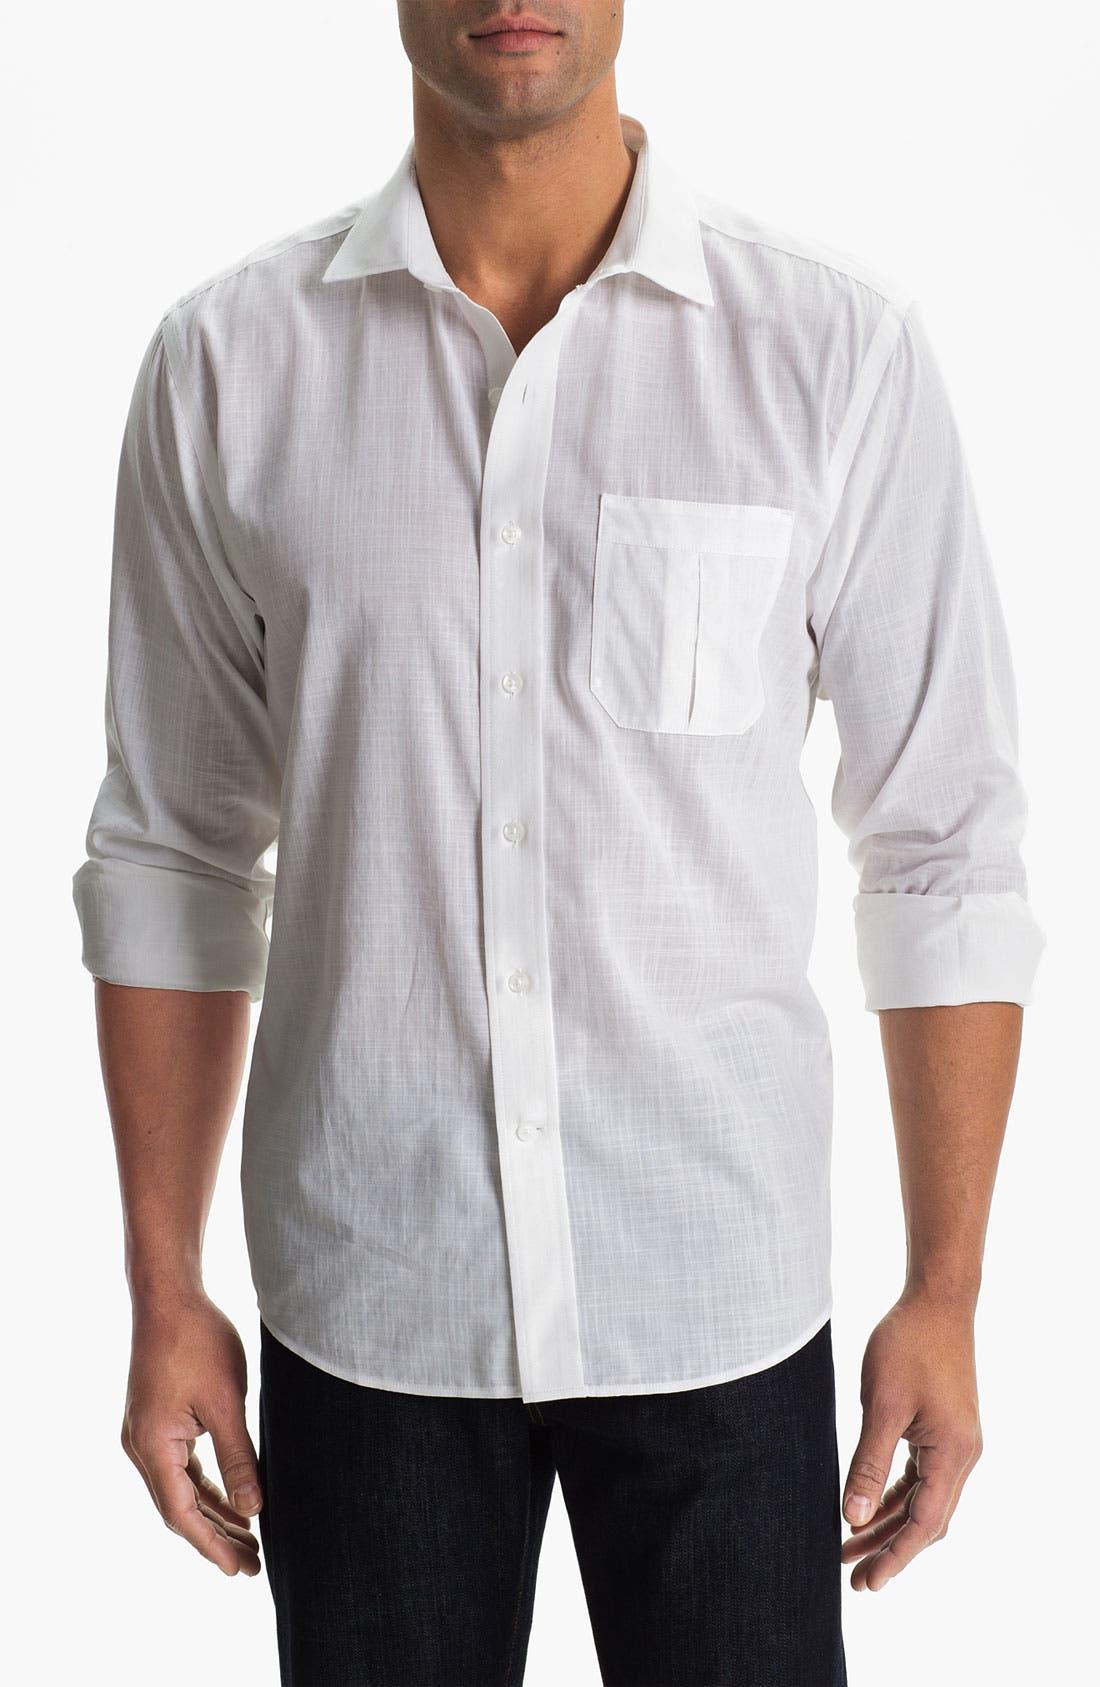 Alternate Image 1 Selected - Cutter & Buck 'Blue Ridge Solid' Regular Fit Sport Shirt (Big & Tall)